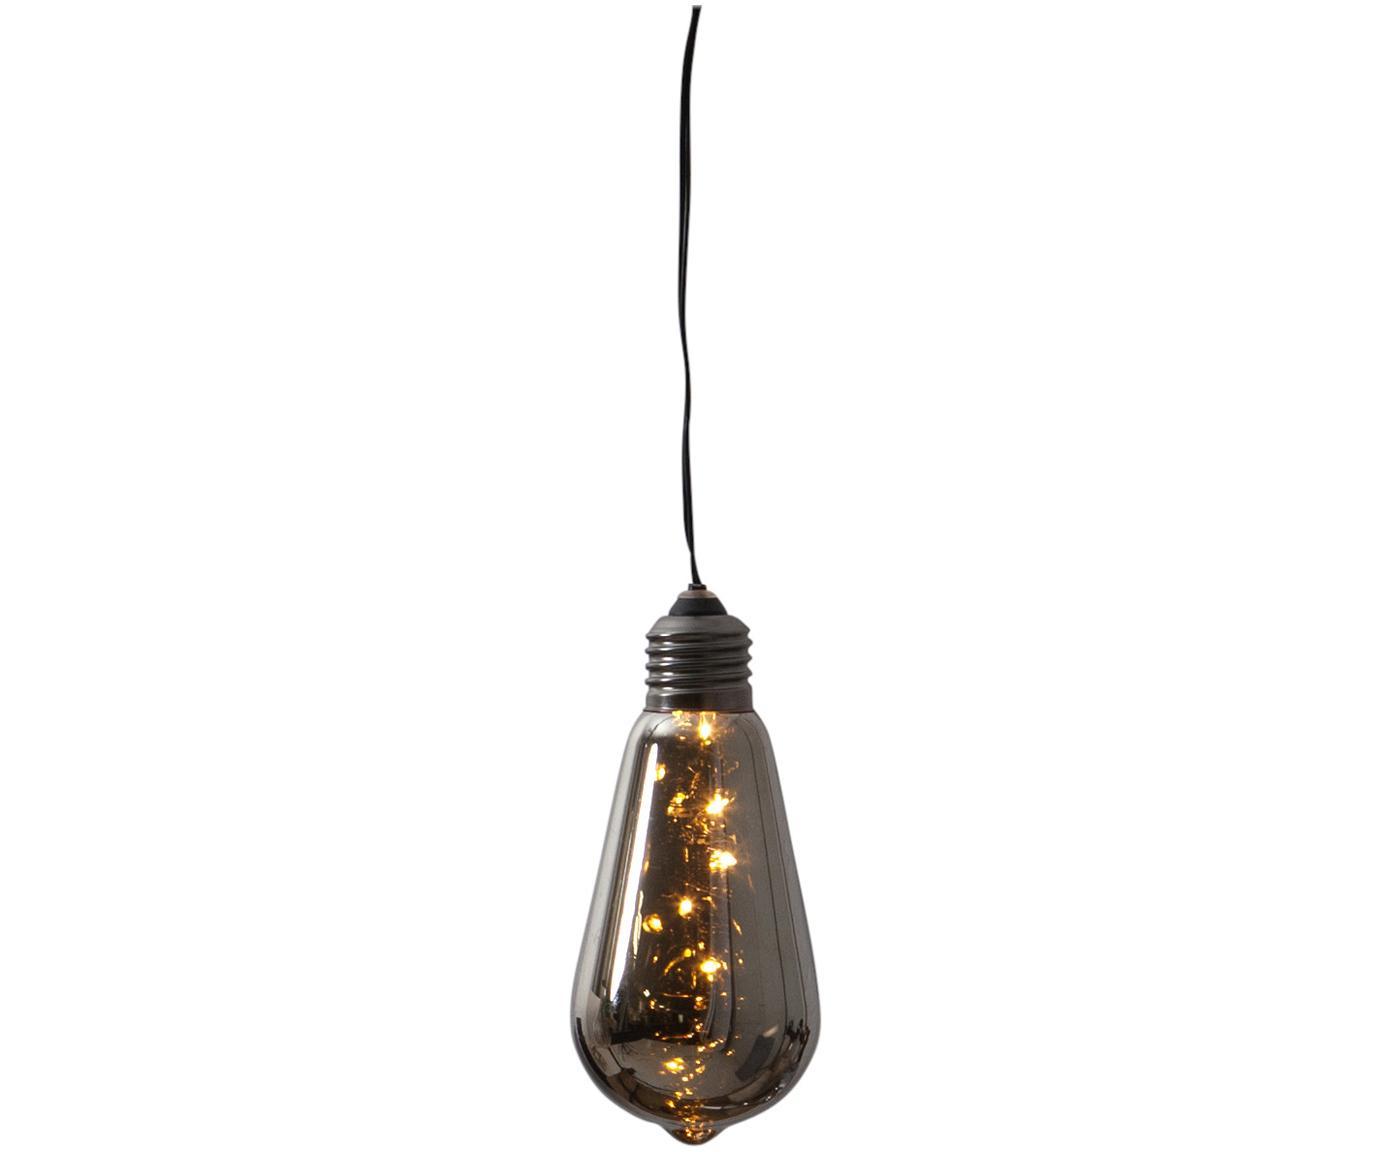 Lampa dekoracyjna LED Glow, Czarny, Ø 6 x W 13 cm